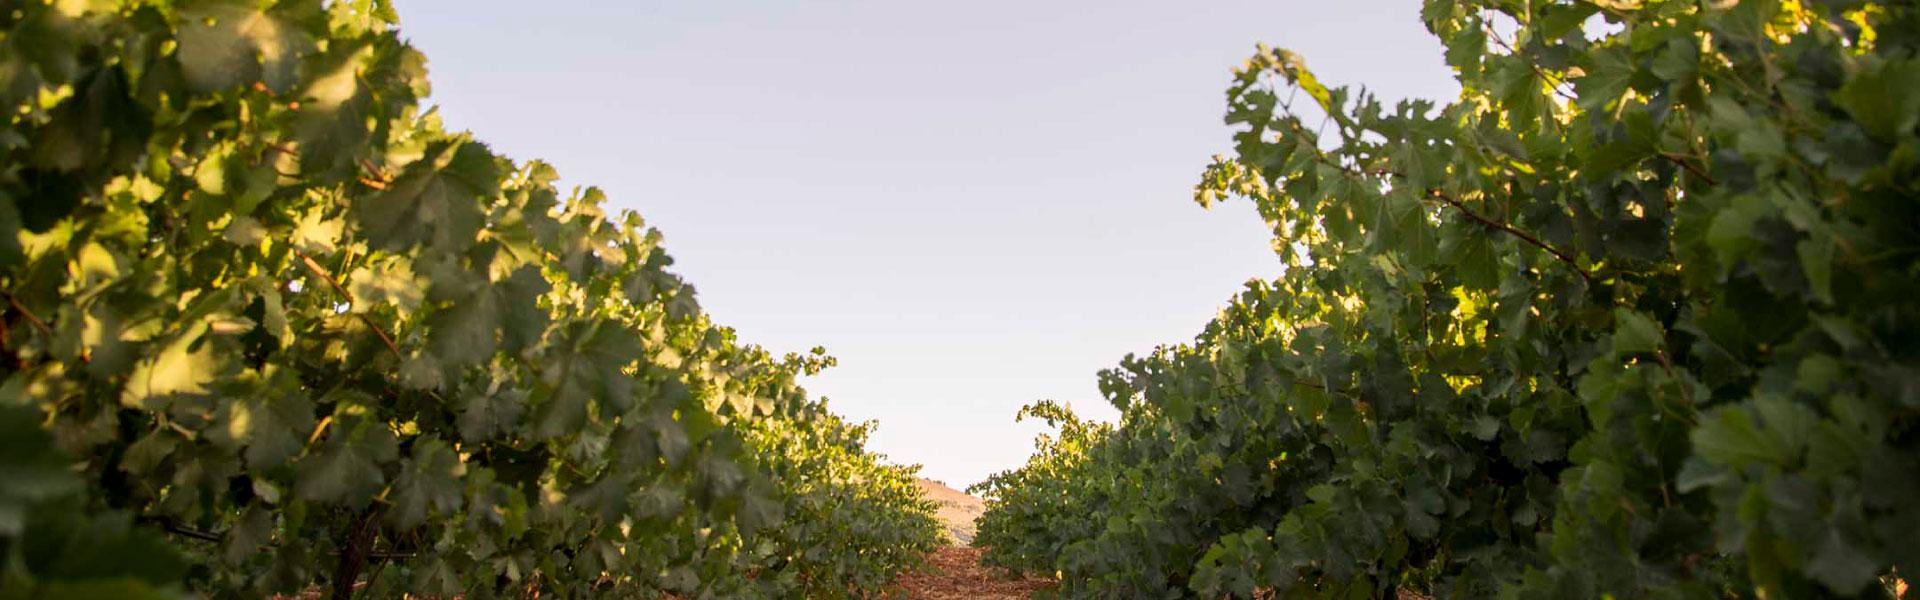 vineros